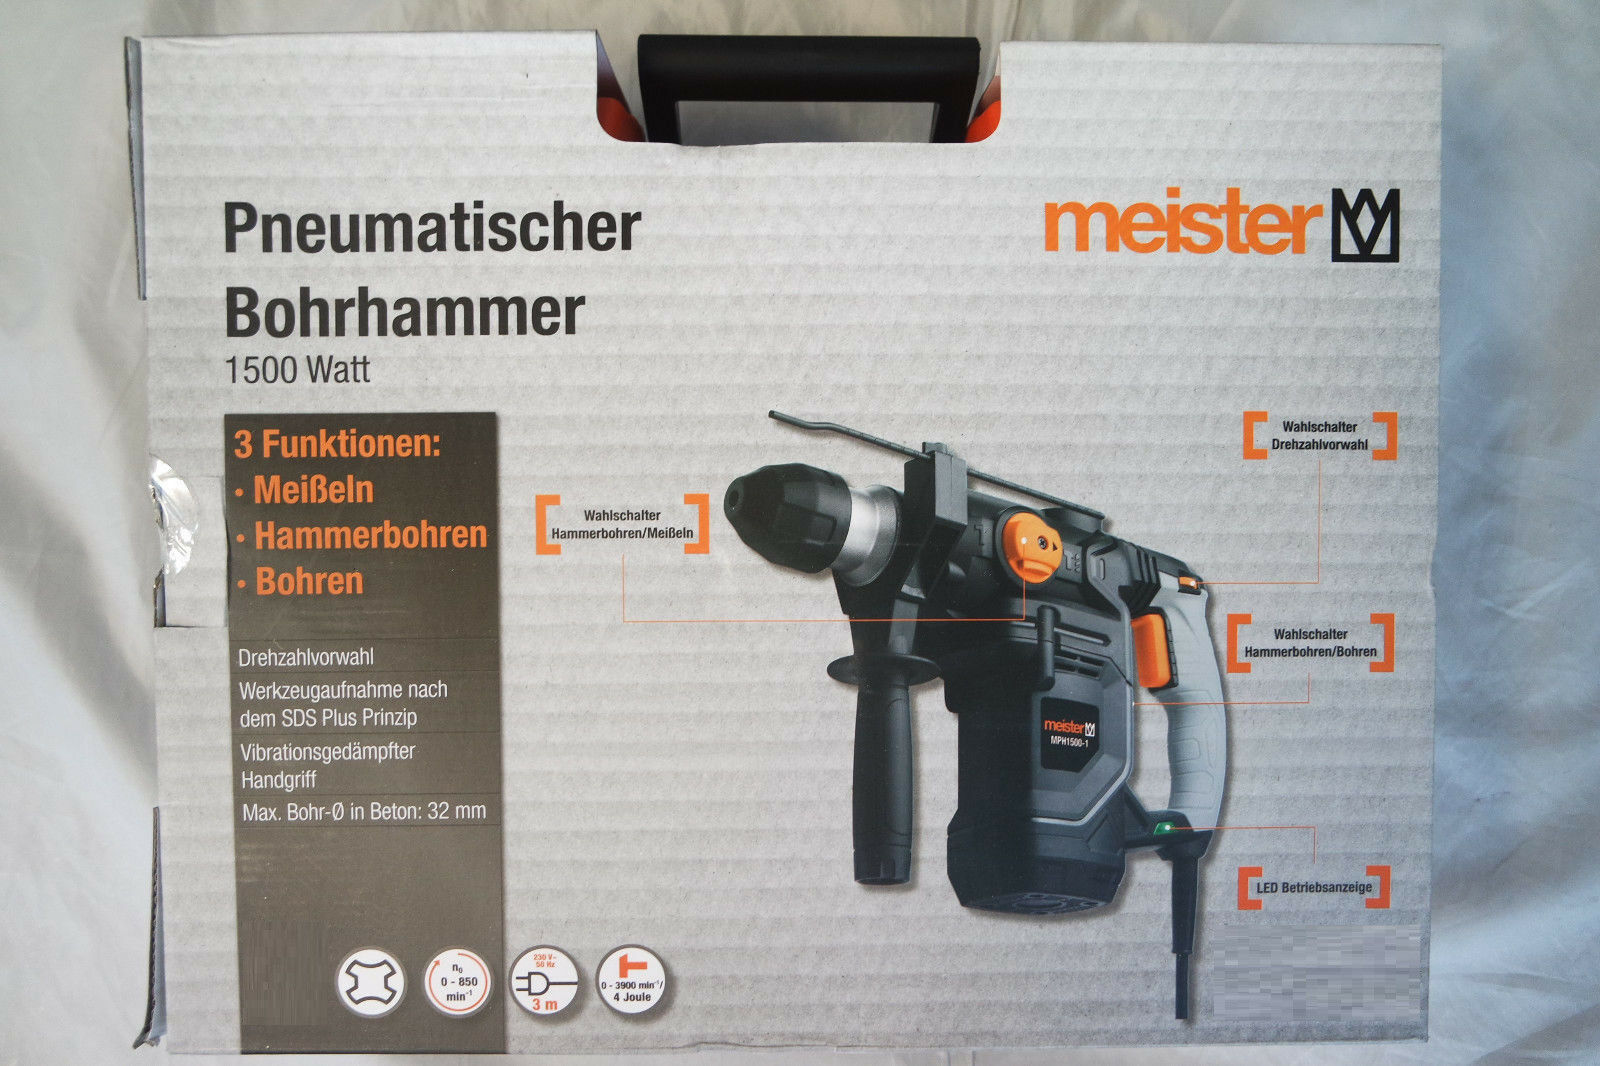 Meister Bohrhammer MPH 1500-1 1500 W  pneumatisch